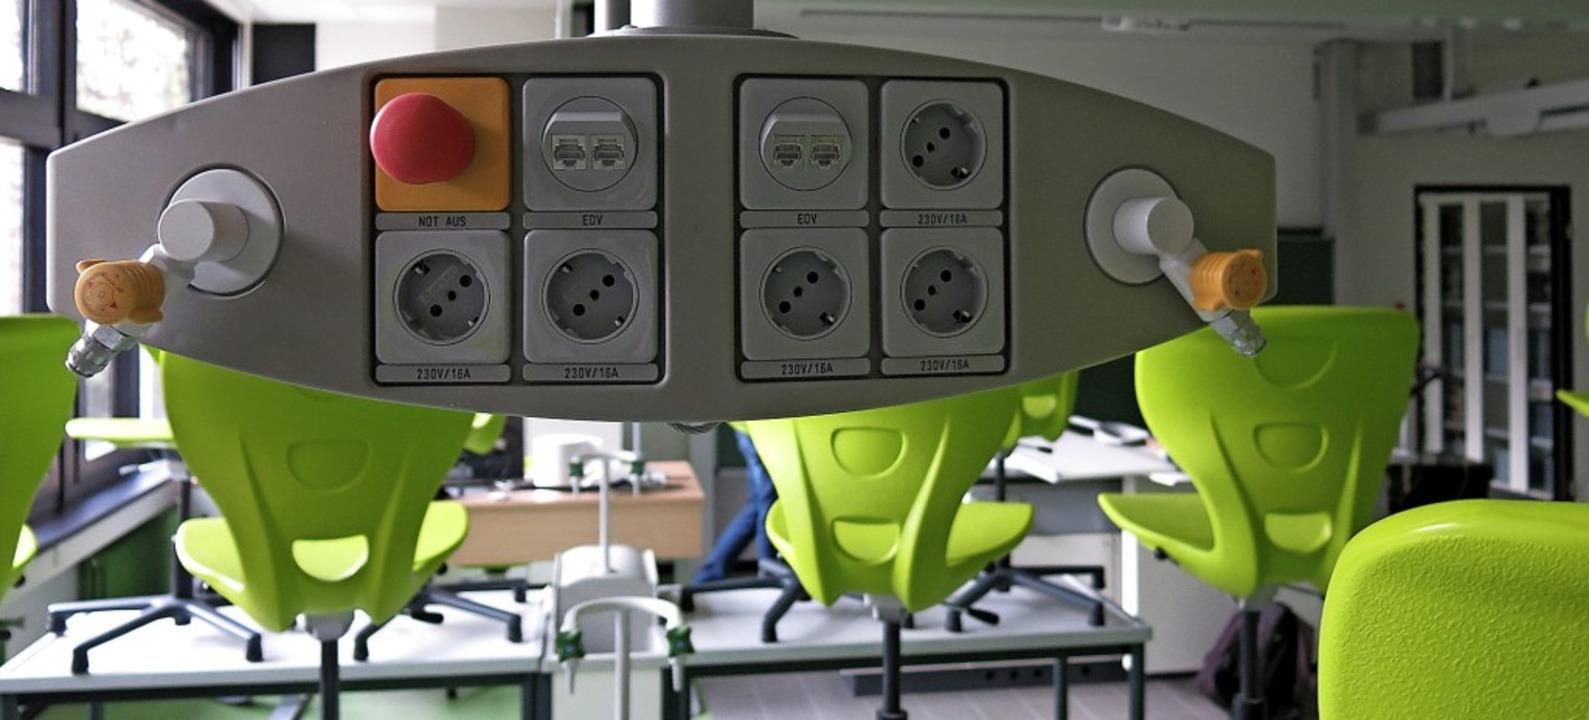 Mediensäule für Gas, Strom und EDV für den Chemieunterricht  | Foto: Georg Voß